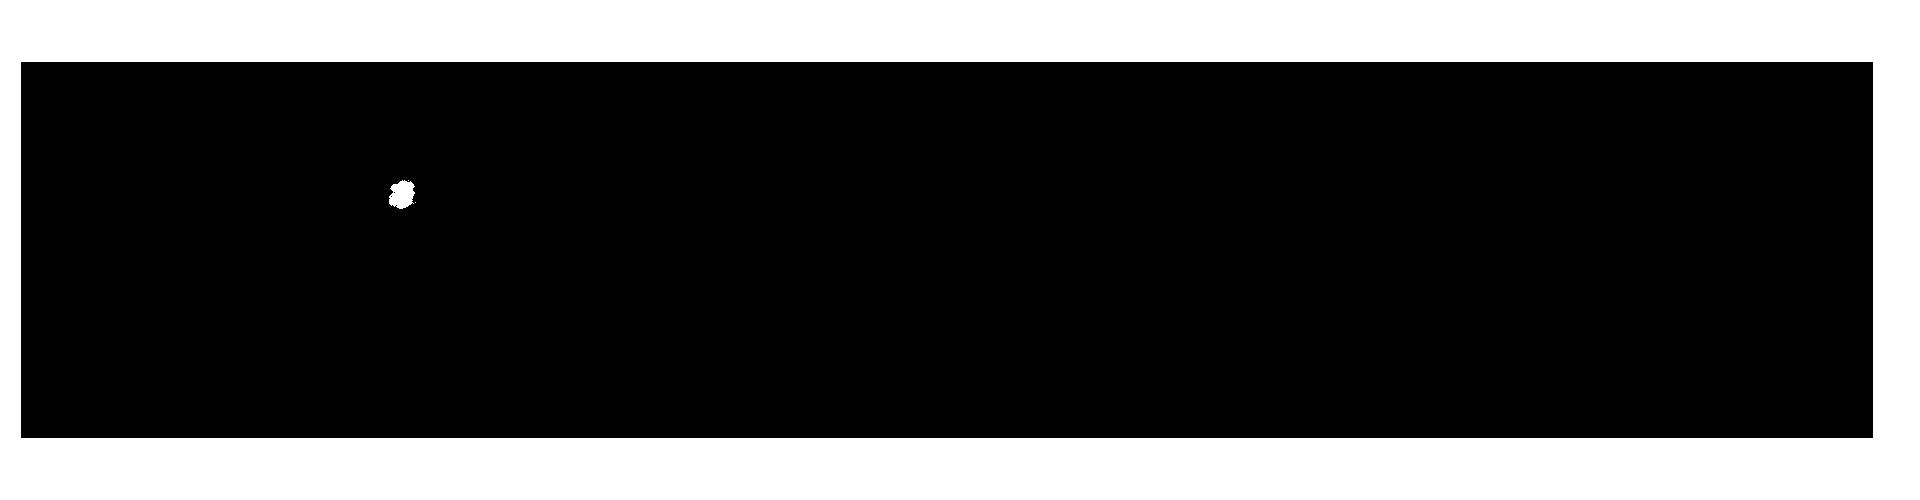 atiCOwork-coworking-aviles-asturias-oficina-alquiler-logo-negro-sobre-fondo-transparente